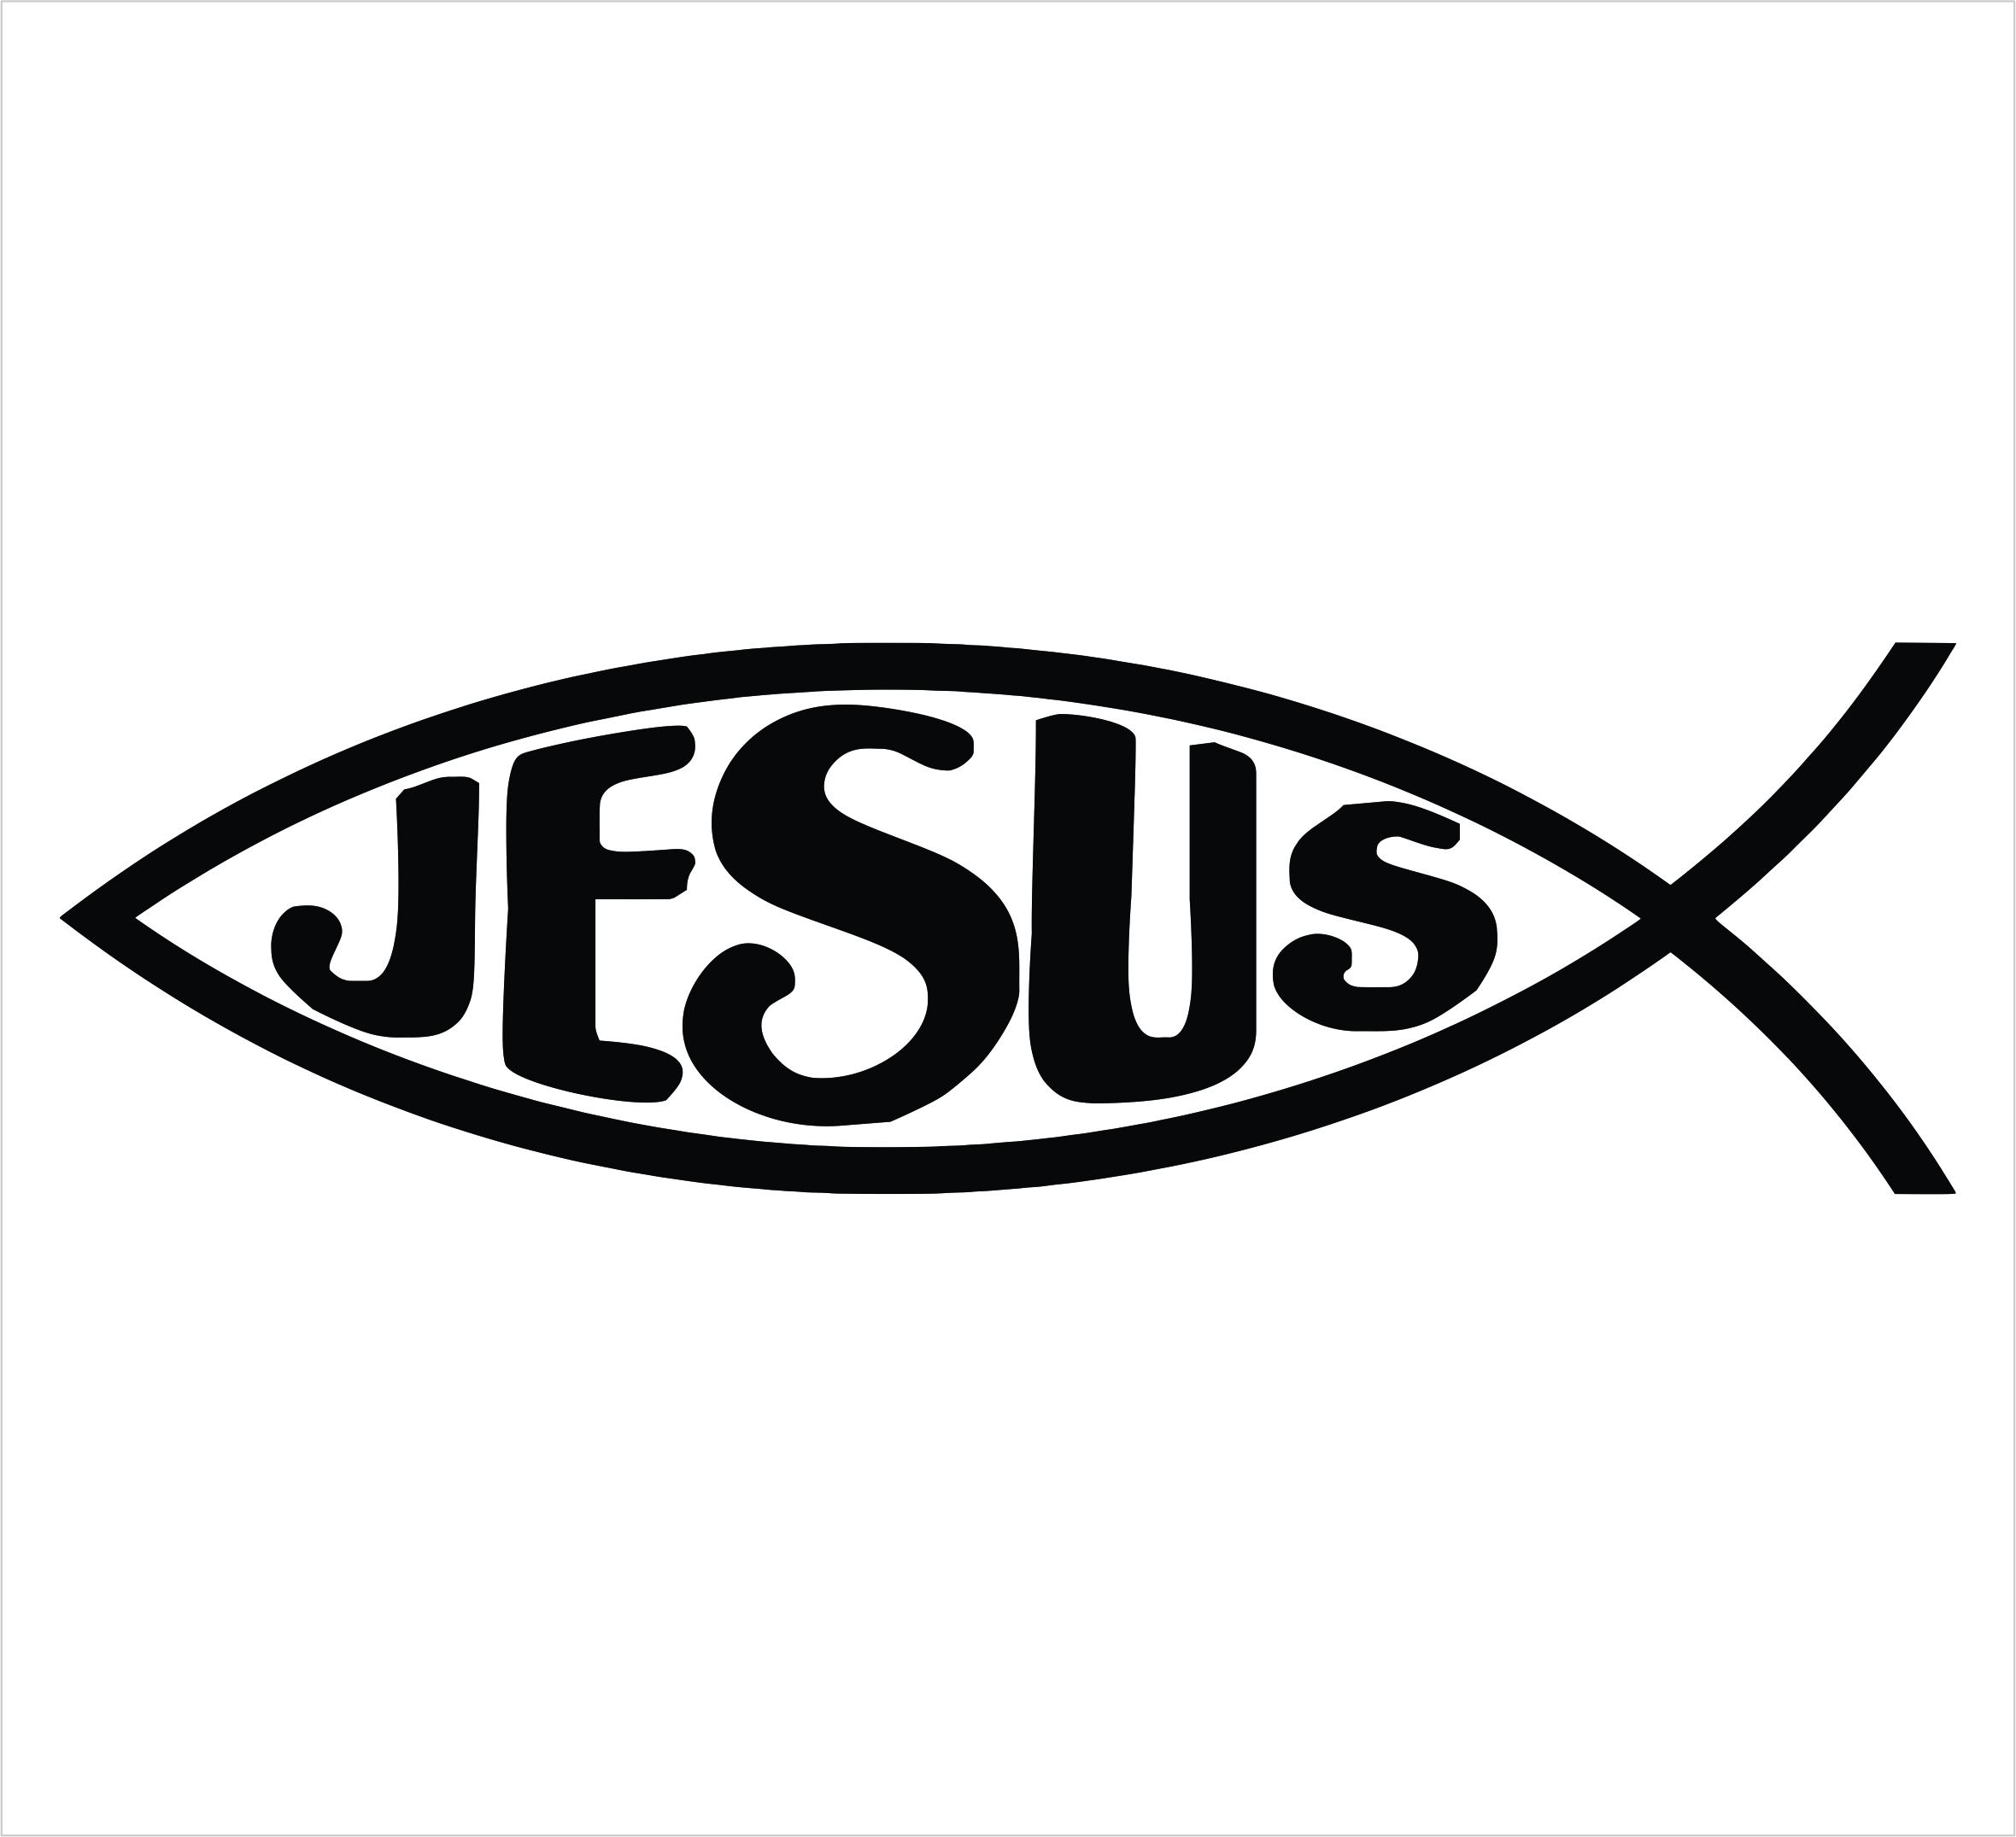 Jesus Fish Single Color Decal Powercall -Jesus Fish Single Color Decal Powercall Emergency Sirens Window-17